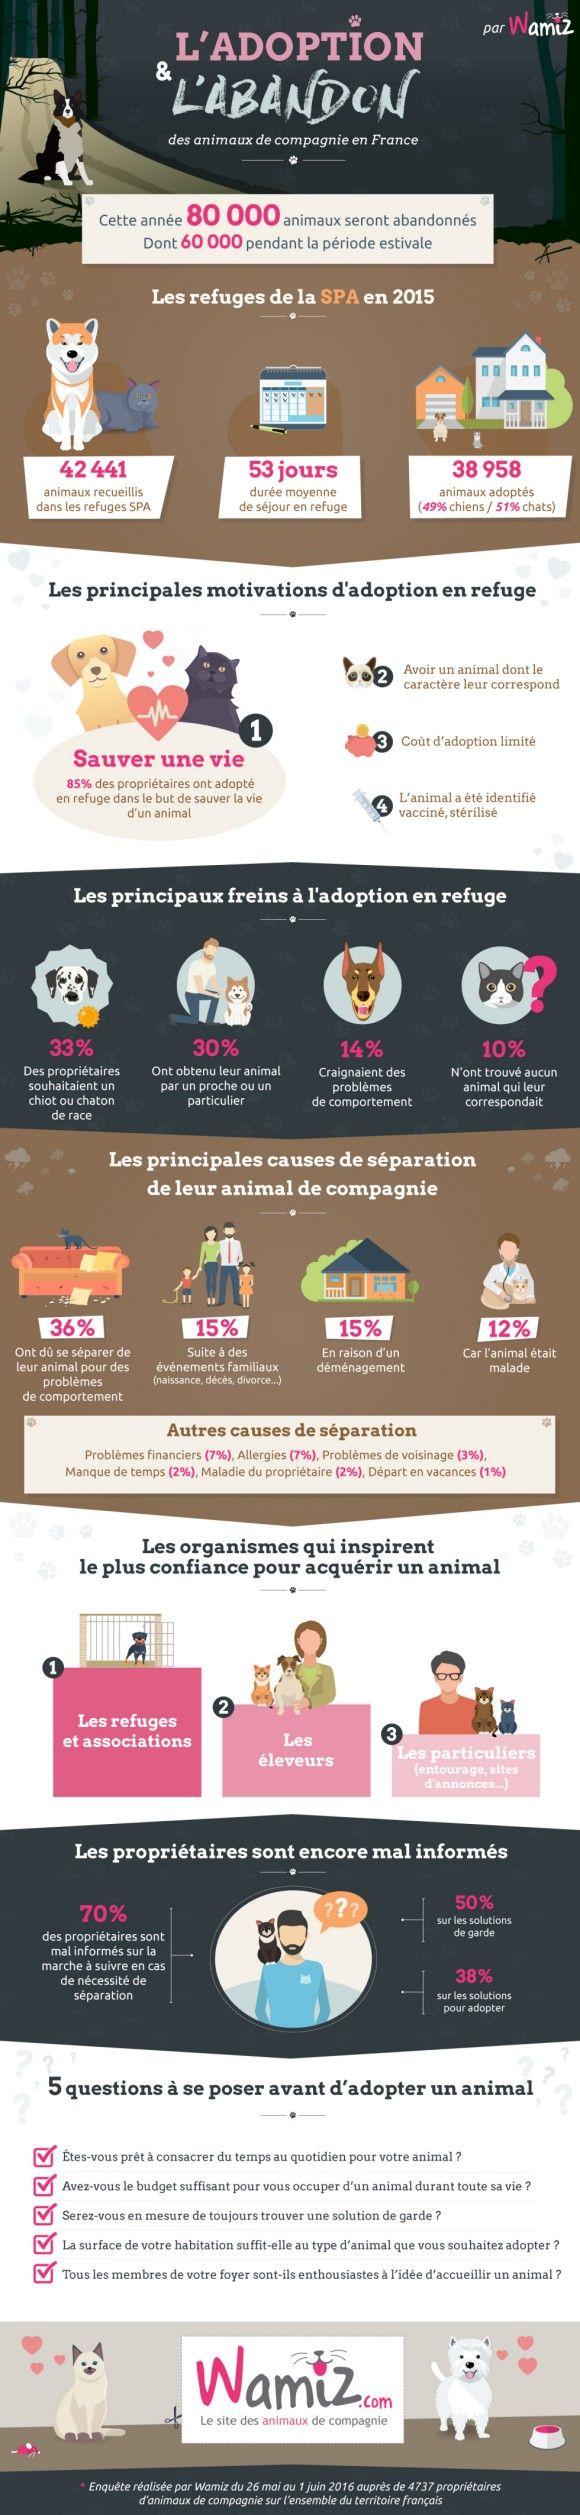 Enquête : l'abandon et l'adoption des animaux de compagnie en France (Infographie) - Société - Wamiz